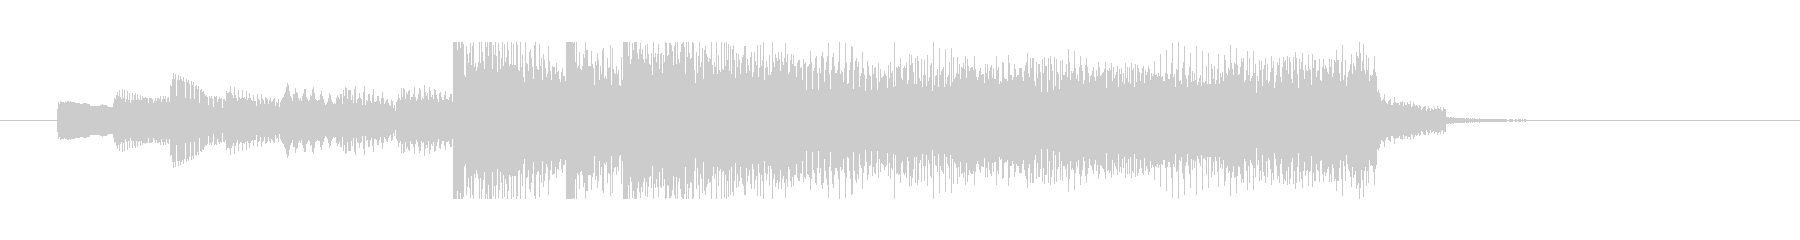 渋谷系サウンド 余韻あるジングルの未再生の波形